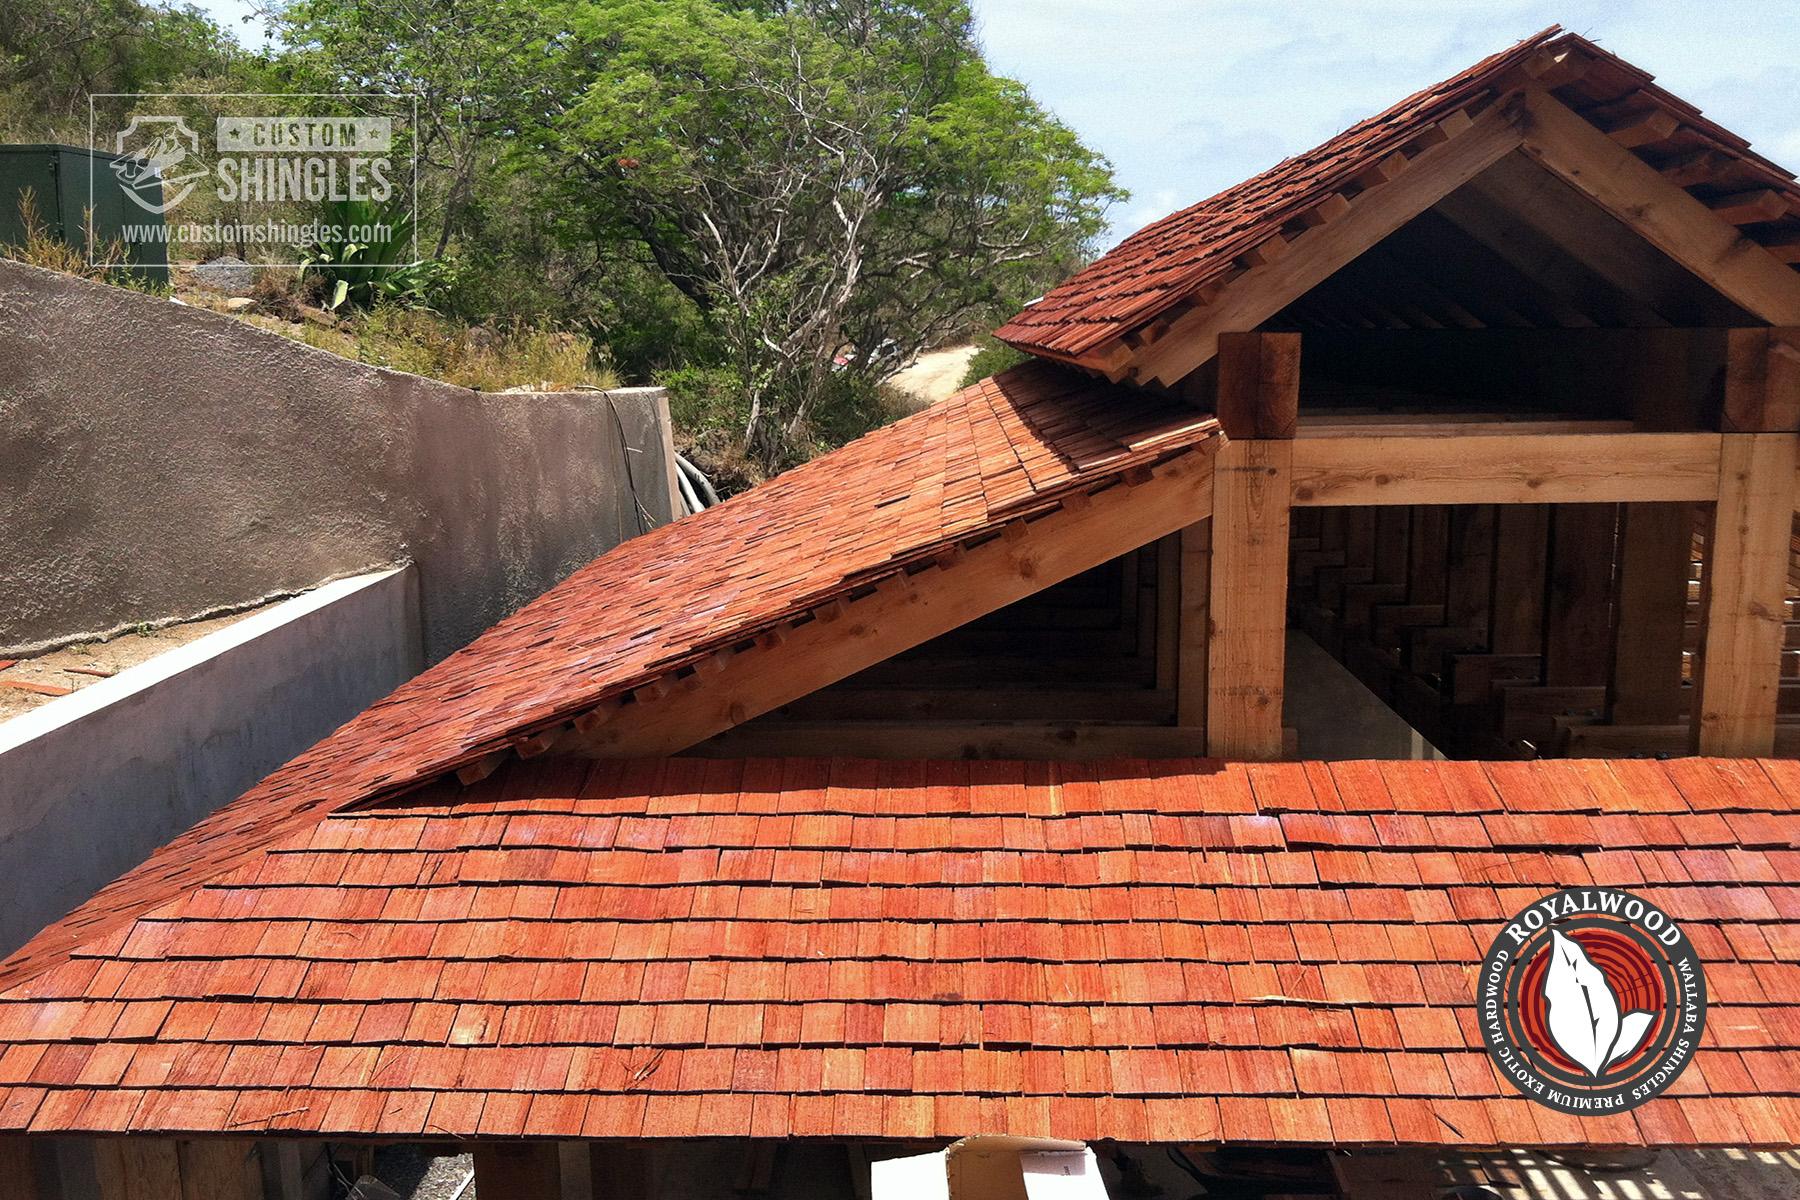 royalwood wallaba shingled roof